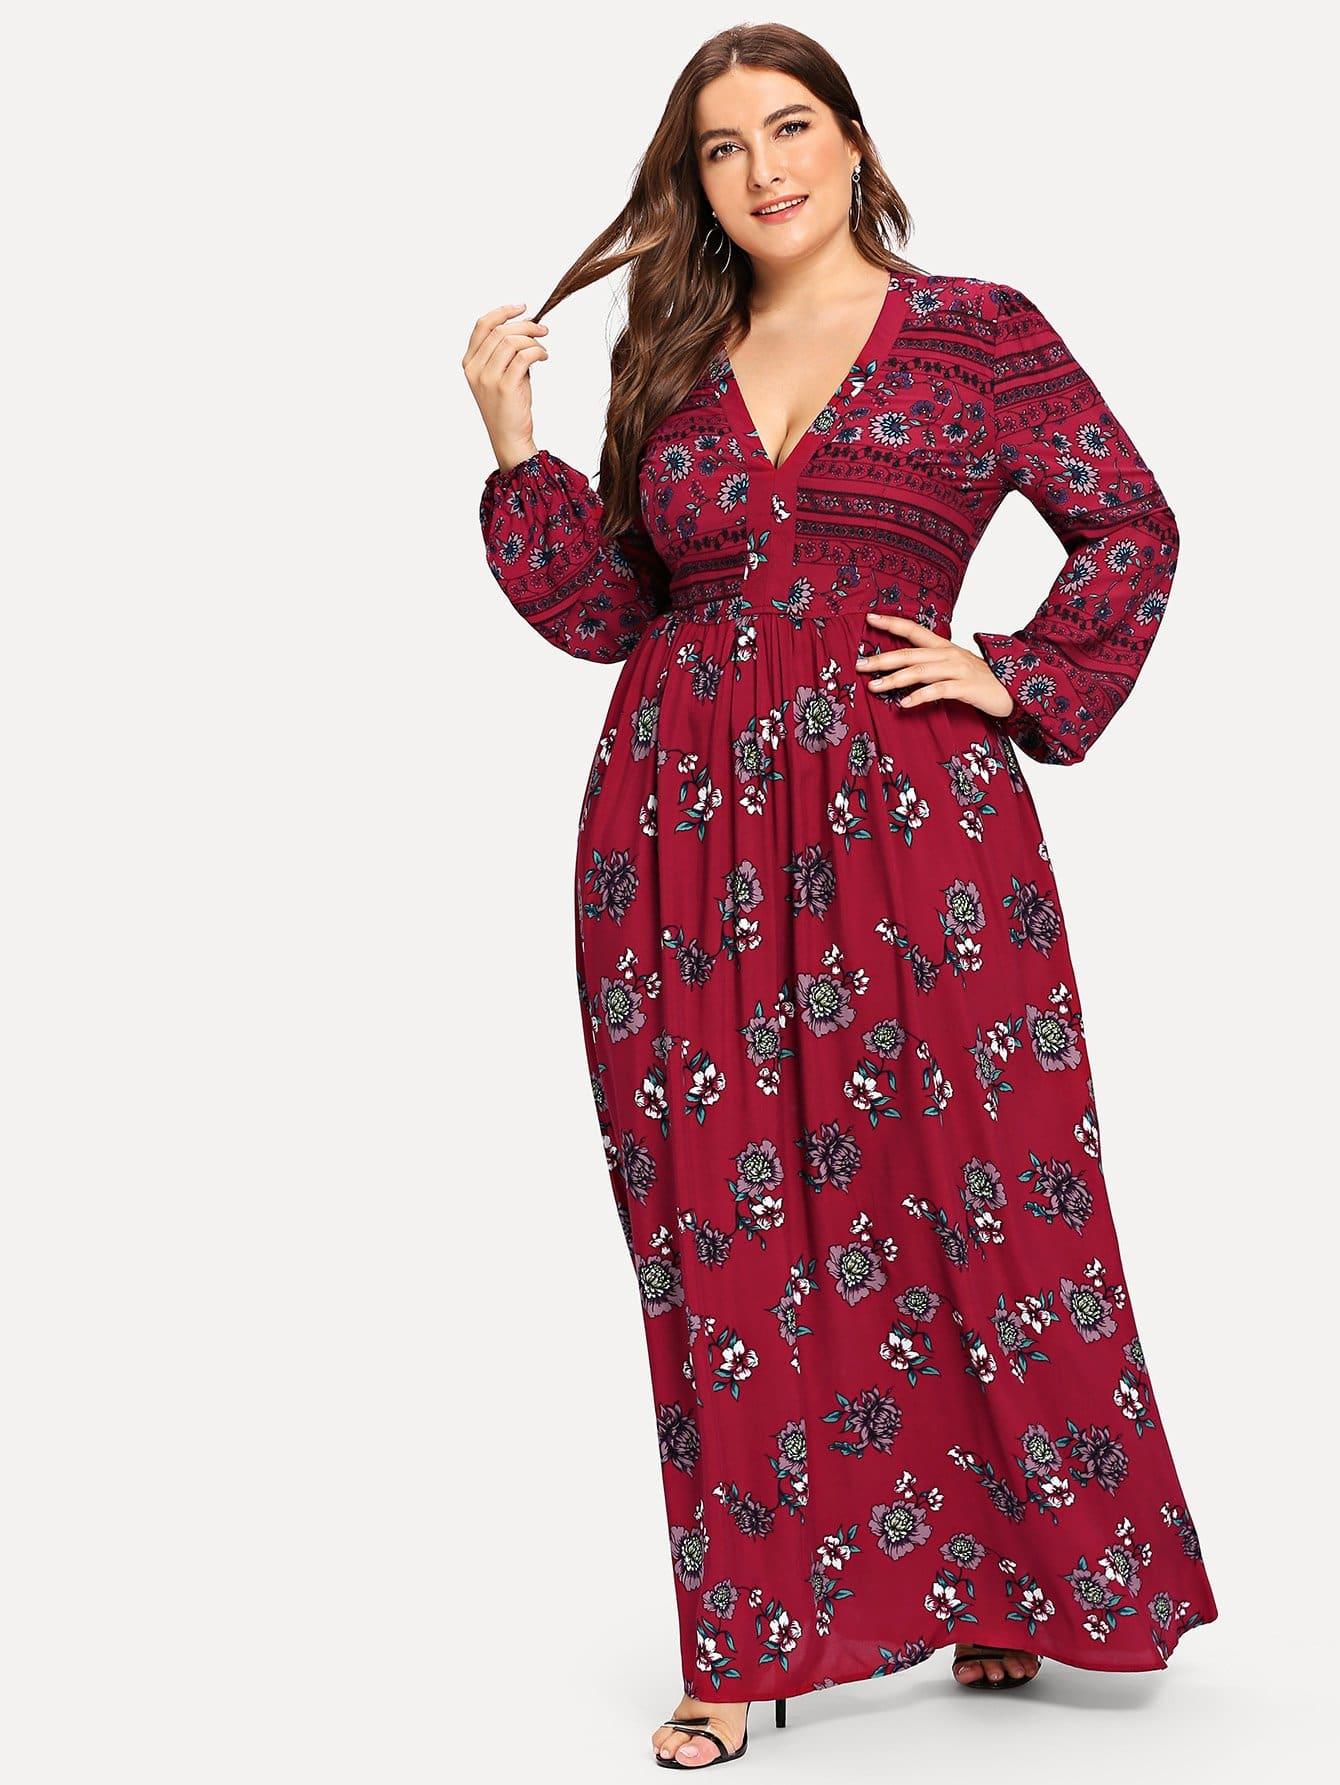 Купить Епископская рукава V Шея Цветочное платье, Franziska, SheIn